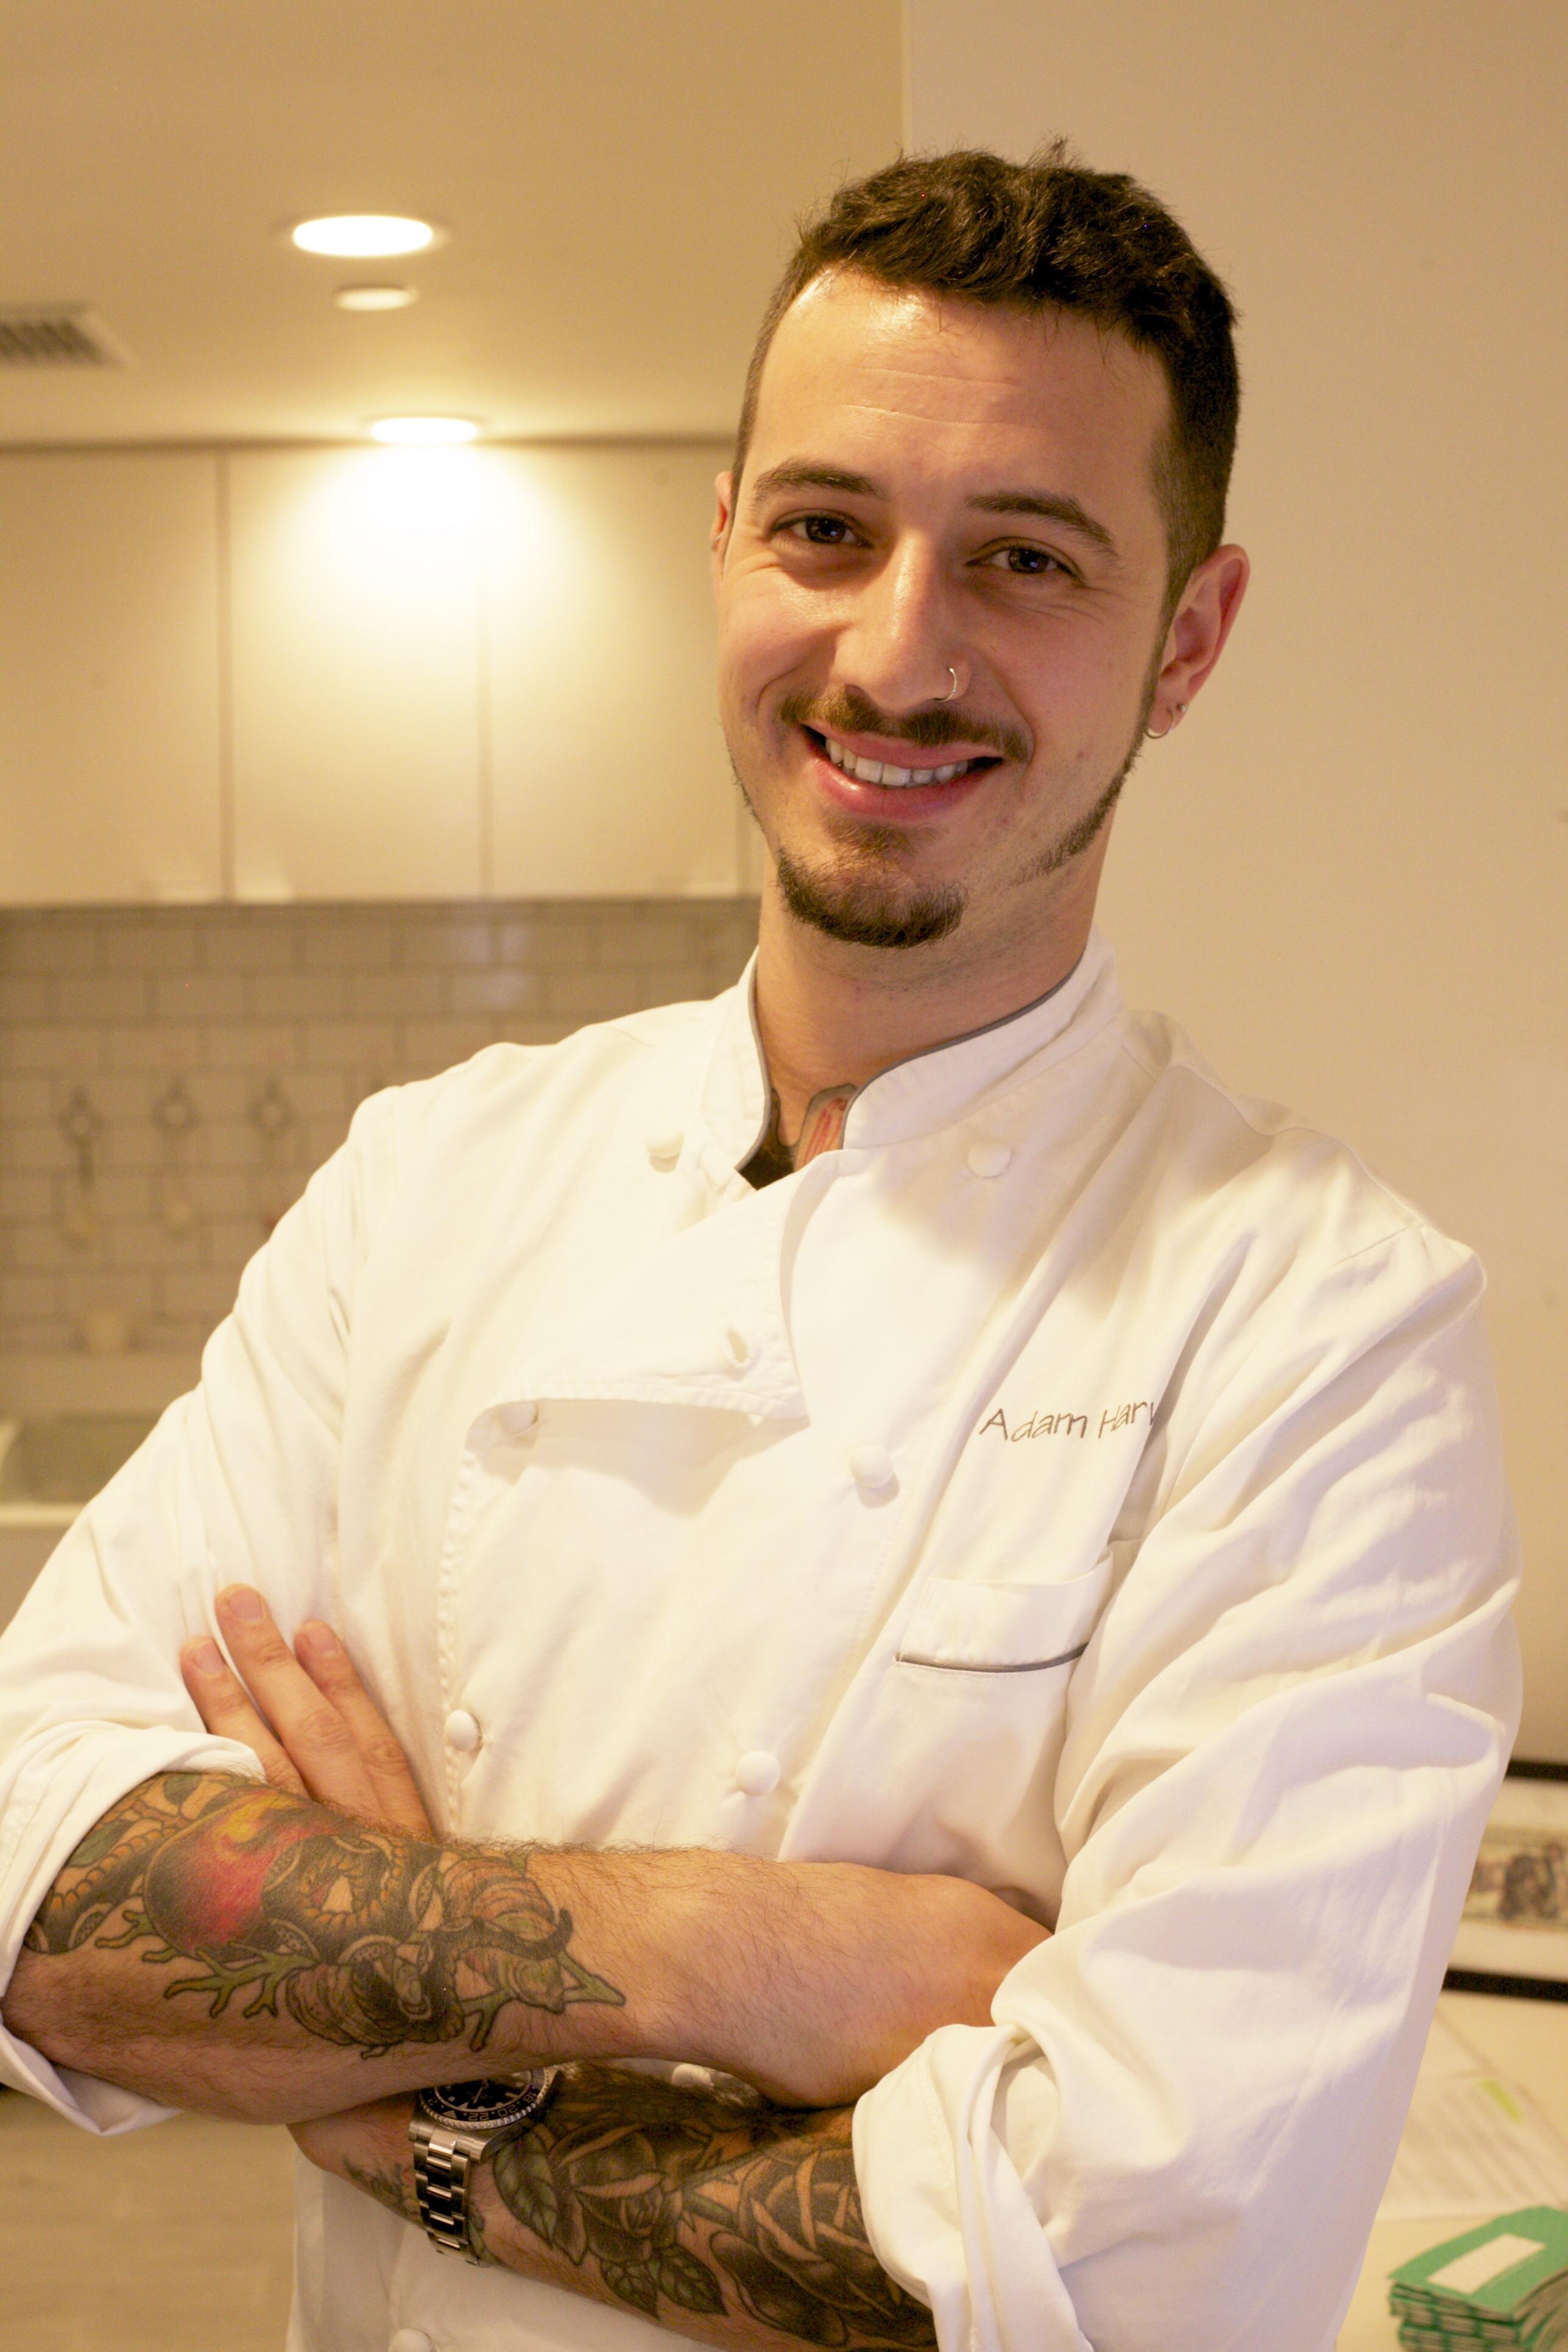 Chef Adam Hravey